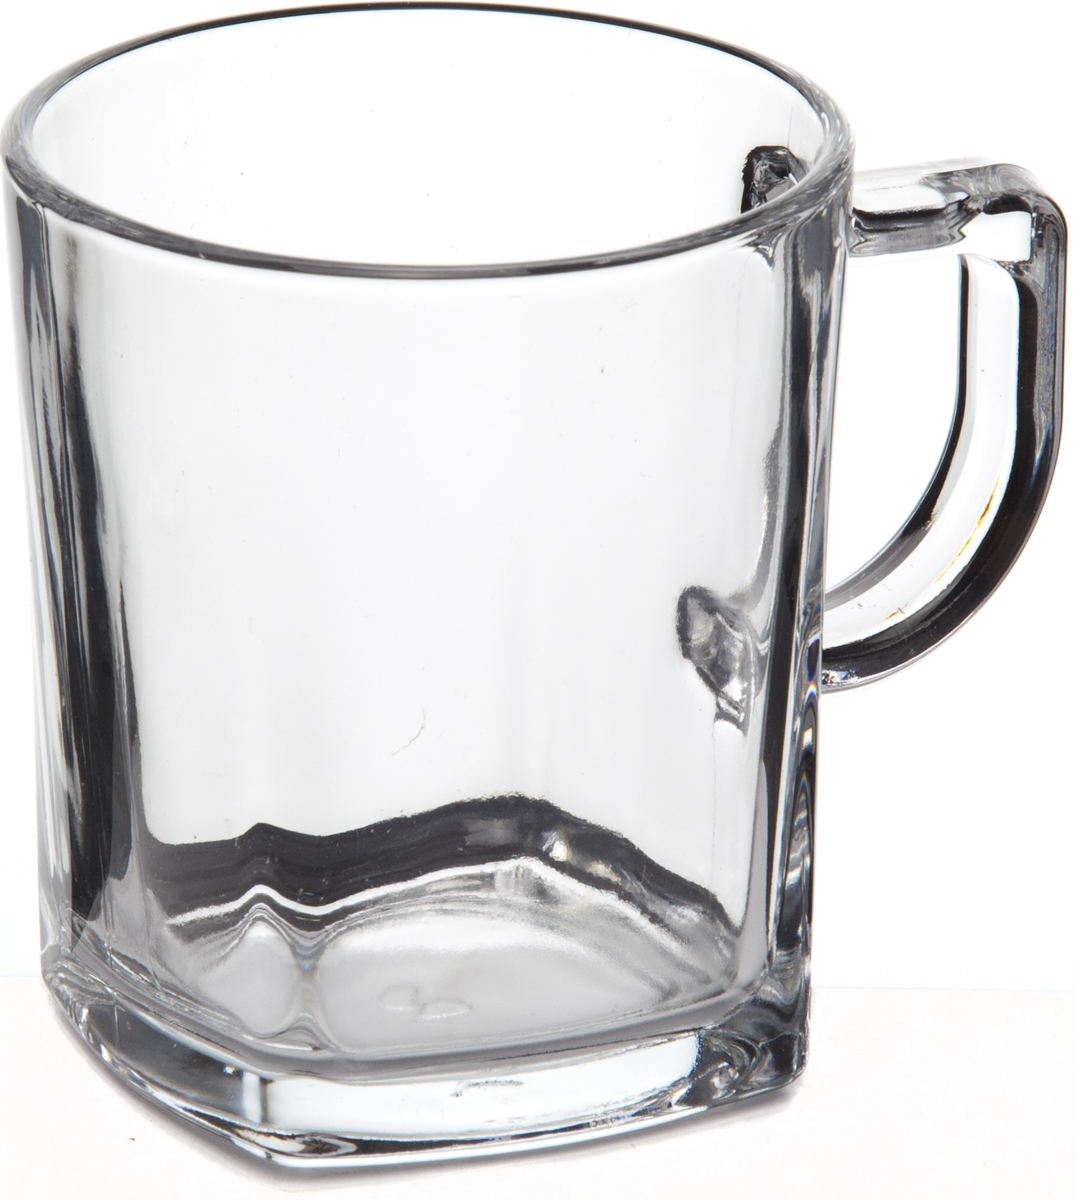 """Набор Pasabahce """"Baltic"""" состоит из двух кружек с удобными ручками, выполненных из прочного натрий-кальций-силикатного стекла. Изделия хорошо удерживают тепло, не нагреваются. Посуда Pasabahce будет радовать вас оригинальным дизайном и качеством изготовления."""